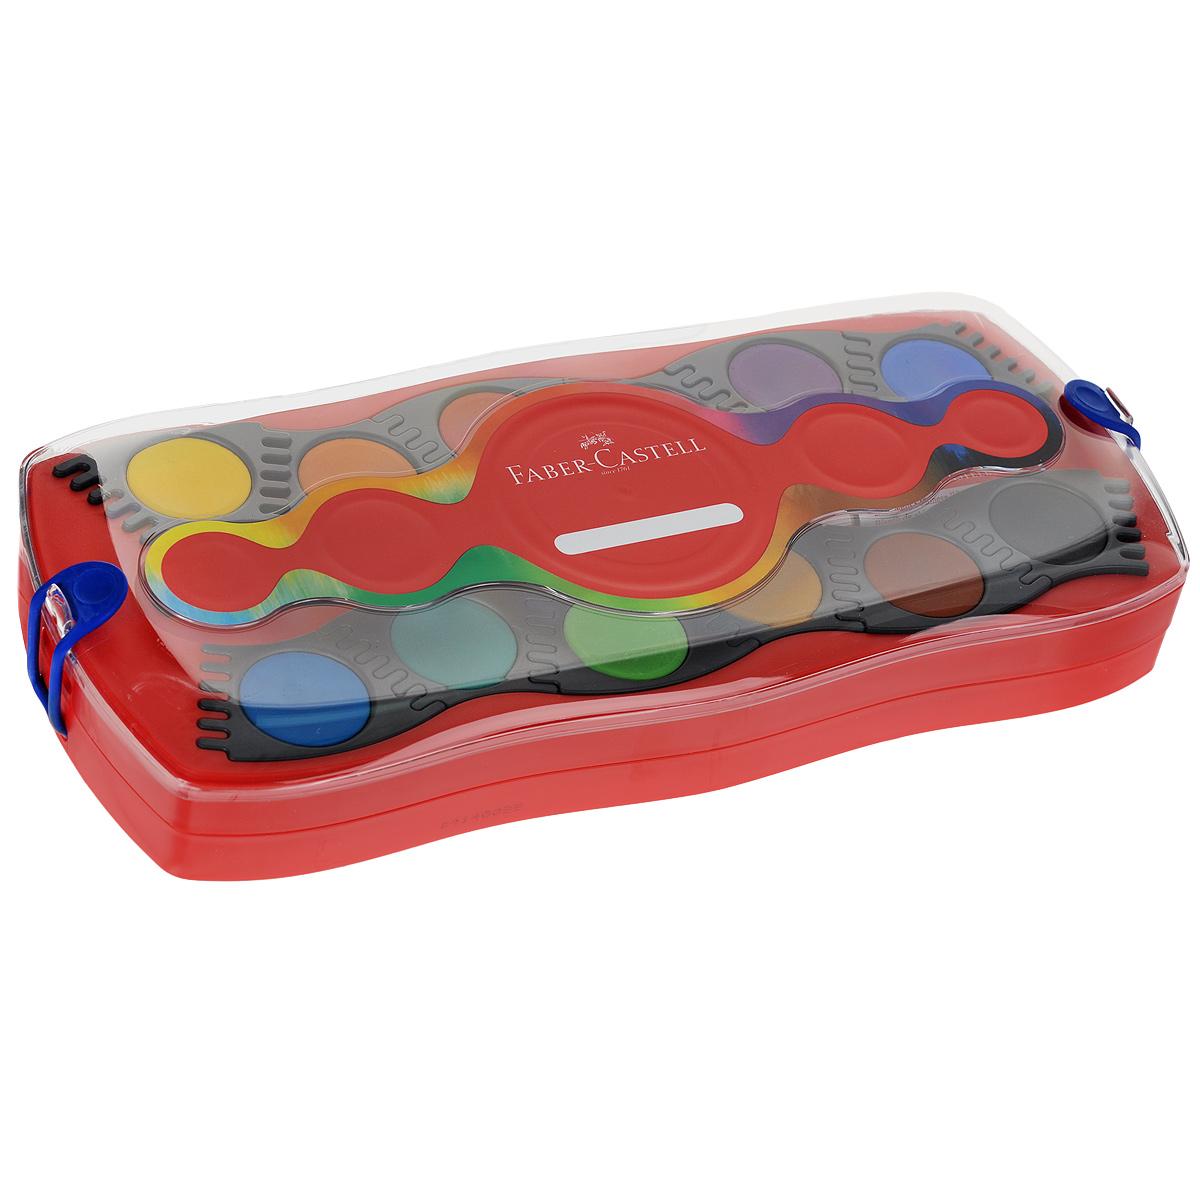 Акварельные краски Faber-Castell Connector, 24 штFS-00103Акварельные краски Faber-Castell Connector идеально подойдут как для детского художественного творчества, так и для изобразительных и оформительских работ. Краски легко размываются, создавая прозрачный цветной слой, отлично смешиваются между собой, не крошатся и не смазываются, быстро сохнут.В наборе 24 краски ярких, насыщенных цветов, а также тюбик с белой краской и кисть. Каждый цвет представлен в основе круглой формы, располагающейся в отдельной ячейке, которую можно перемещать либо комбинировать с нужными красками, что делает процесс рисования легким и удобным. Коробка представляет собой два поддона для ячеек с красками с отсеками для кисти и белой краски, а крышка - палитру. Отличный подарок для любителя рисовать акварелью! Рекомендуемый возраст: от 8 лет.